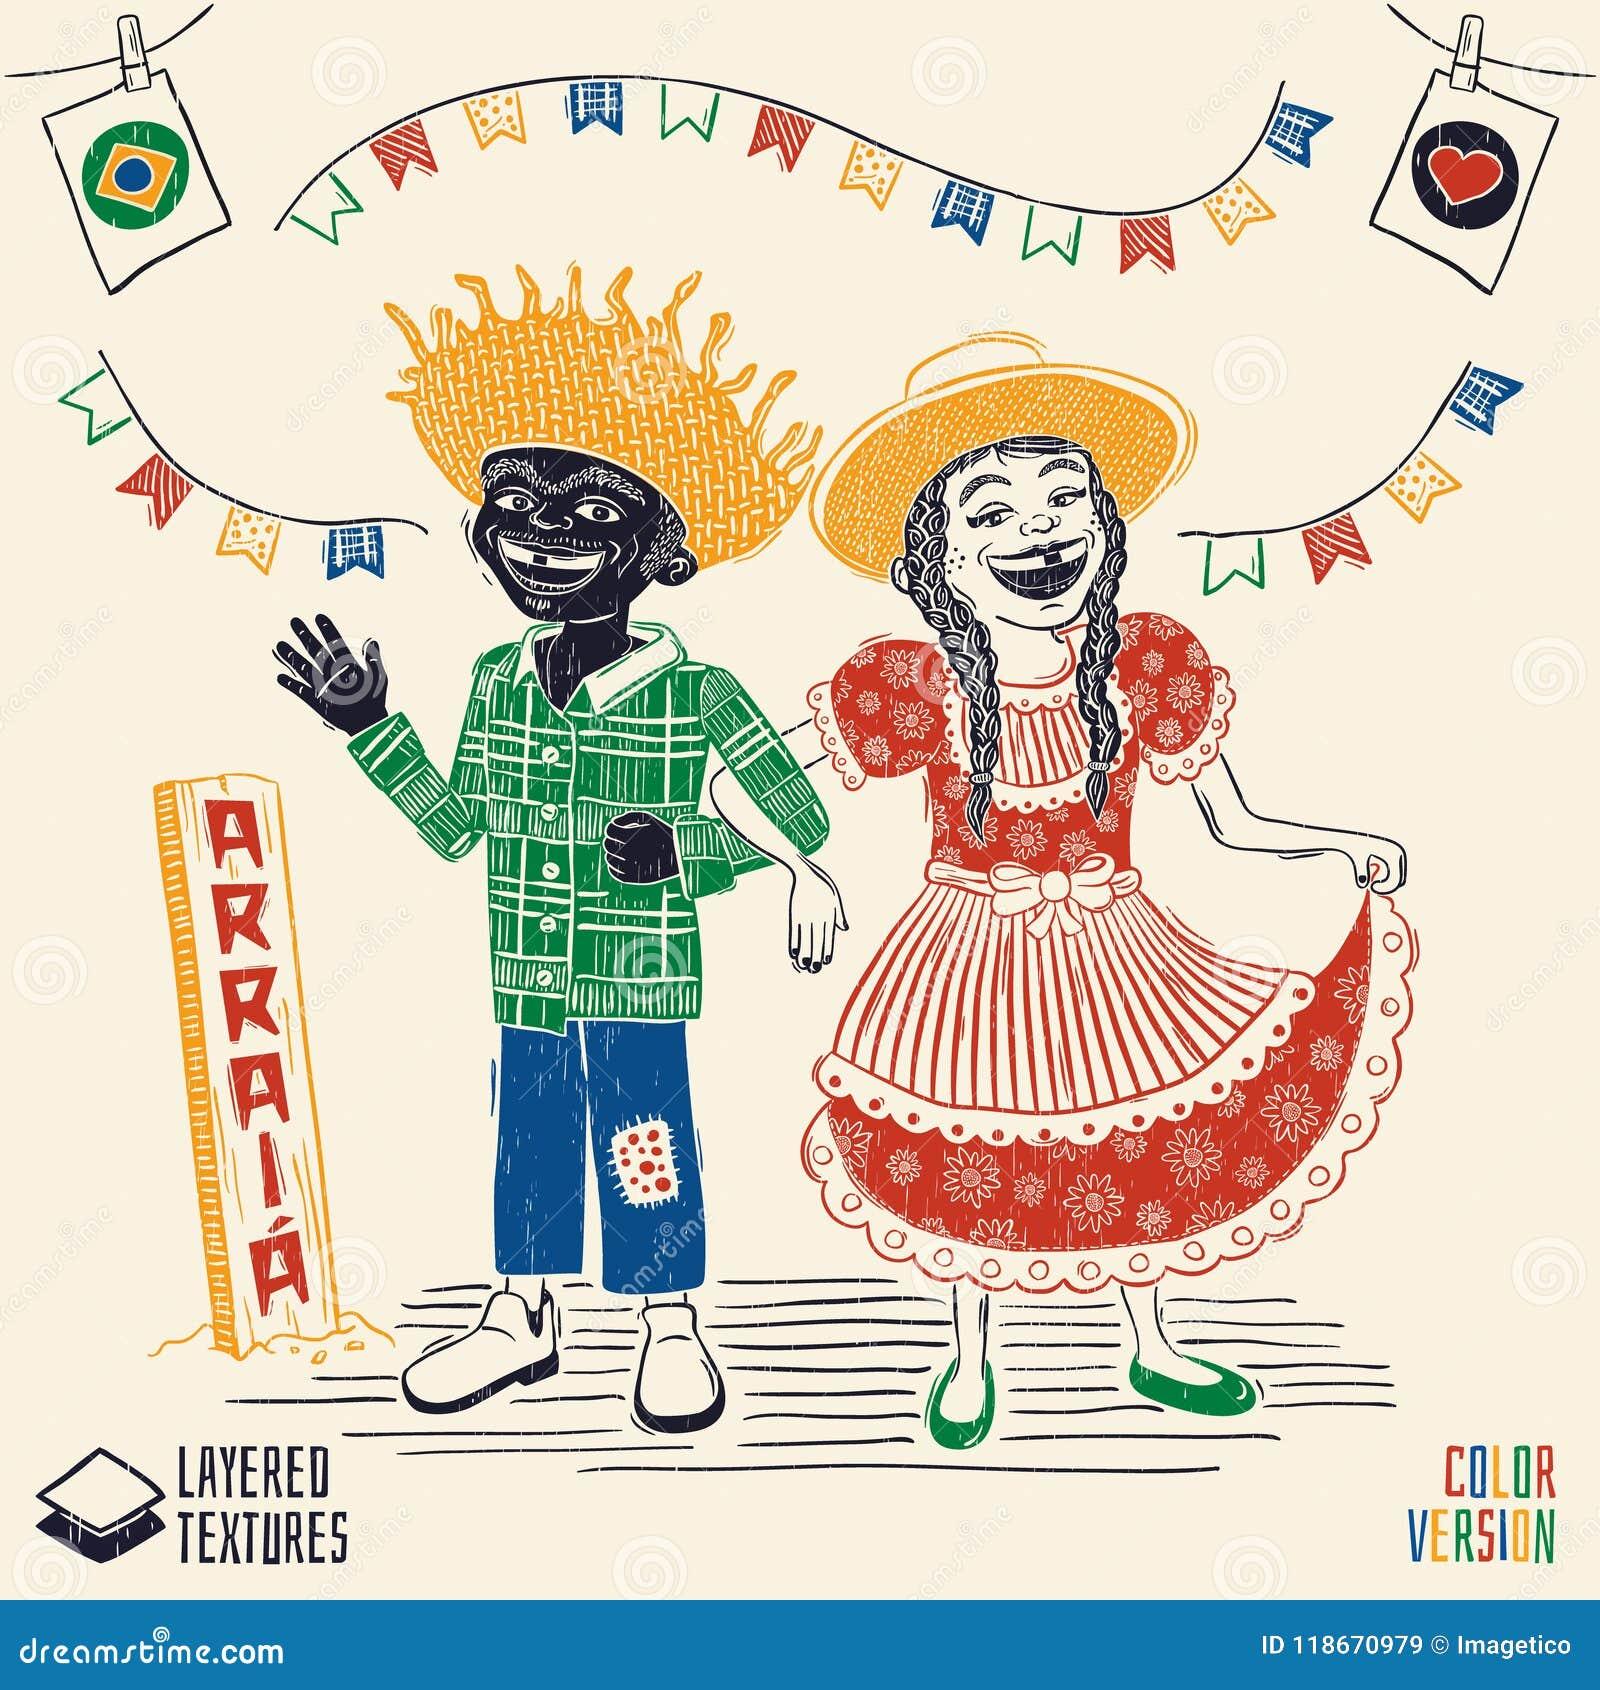 Arraia Means Village, Also Name June Parties - Happy